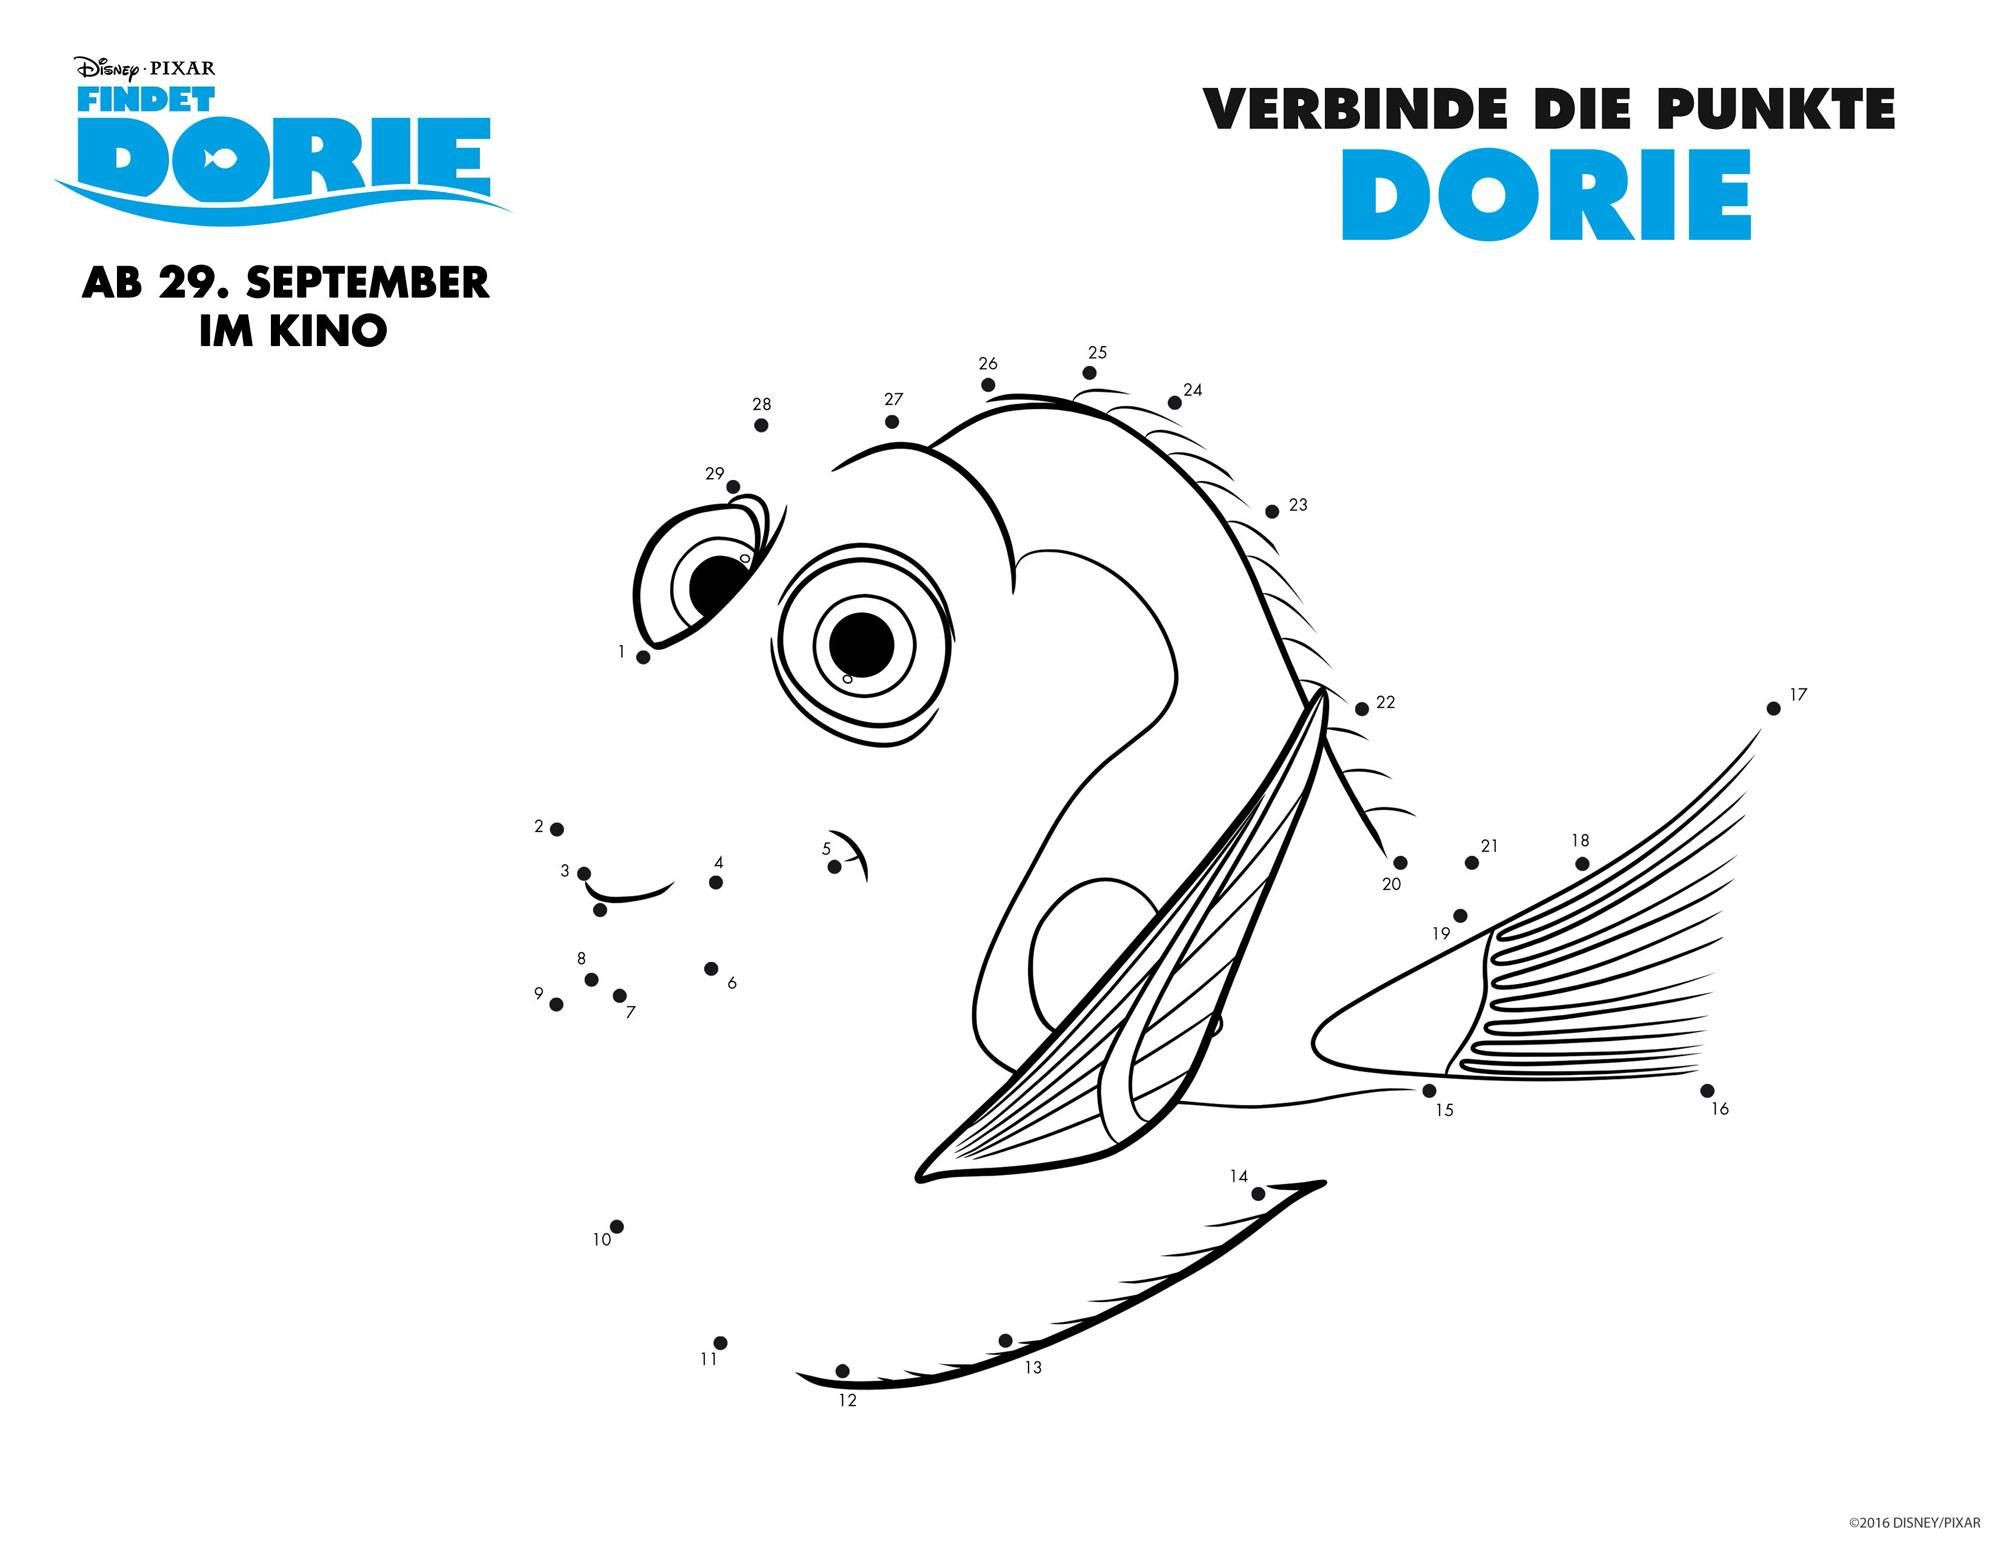 Ausmalbilder Disney Zum Ausdrucken Inspirierend Ausmalbild Malen Nach Zahlen Findet Dorie Dorie Kostenlos Fotos